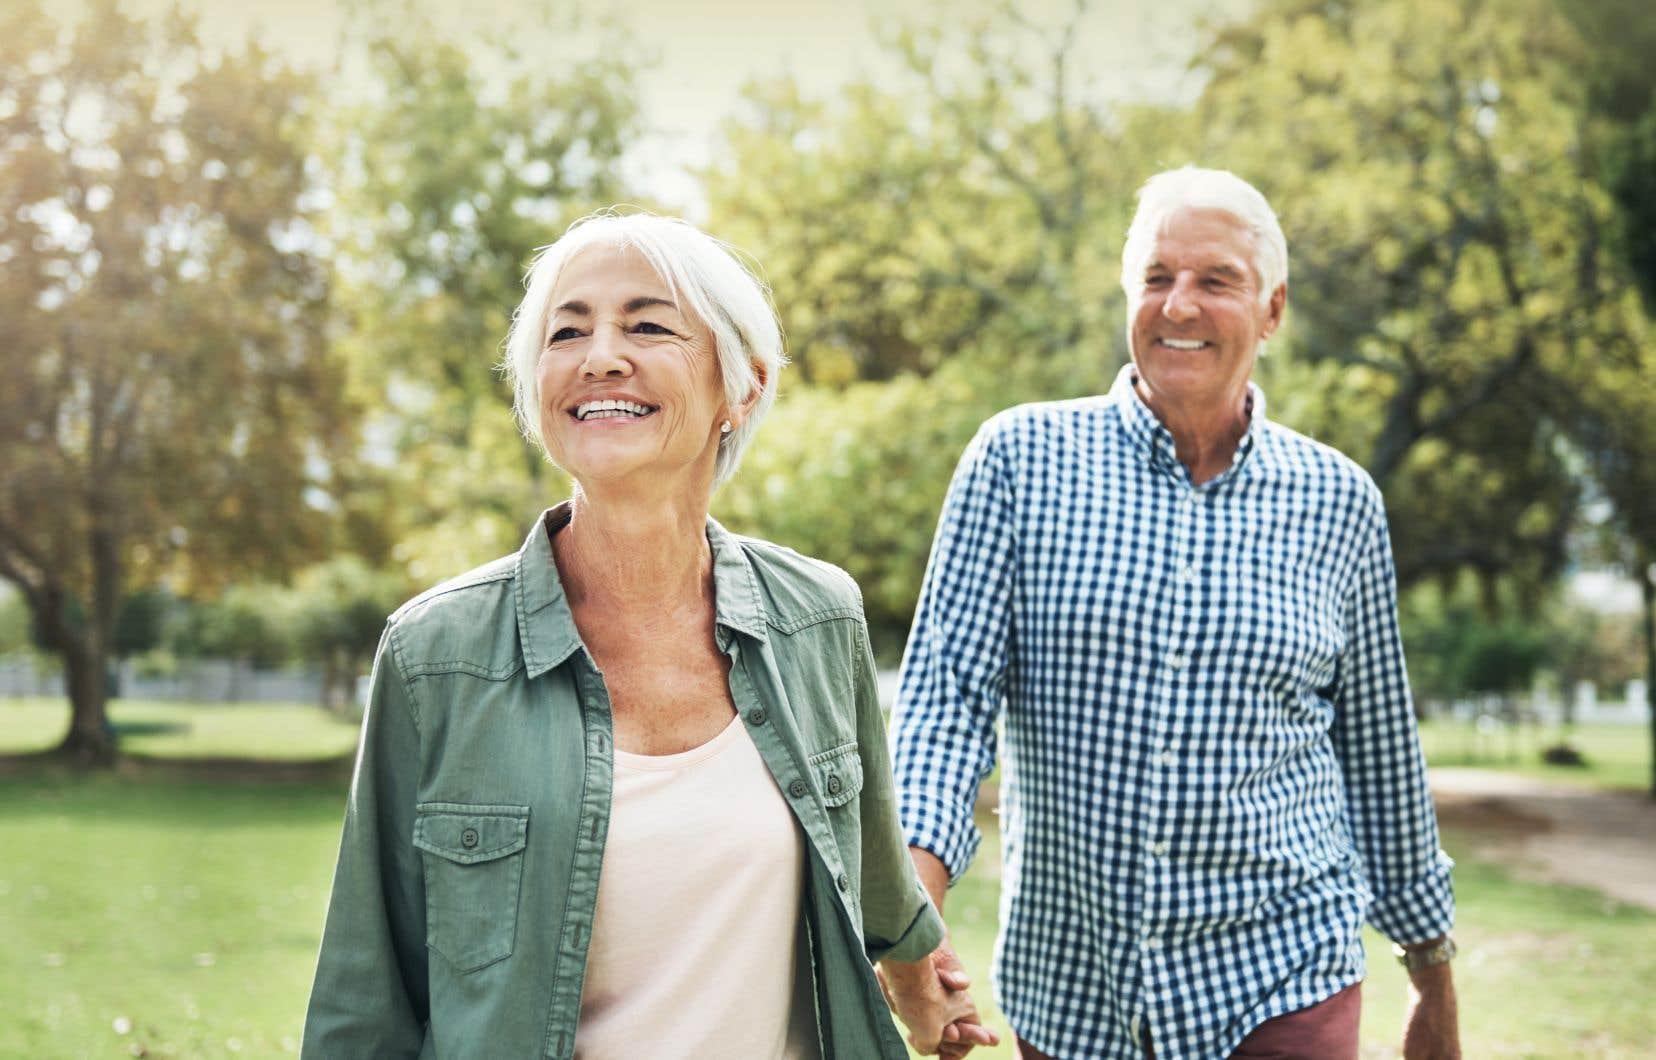 Les régimes de retraite proposés par les employeurs sont apparus en Amérique du Nord bien avant que les gouvernements mettent en place des régimes publics.